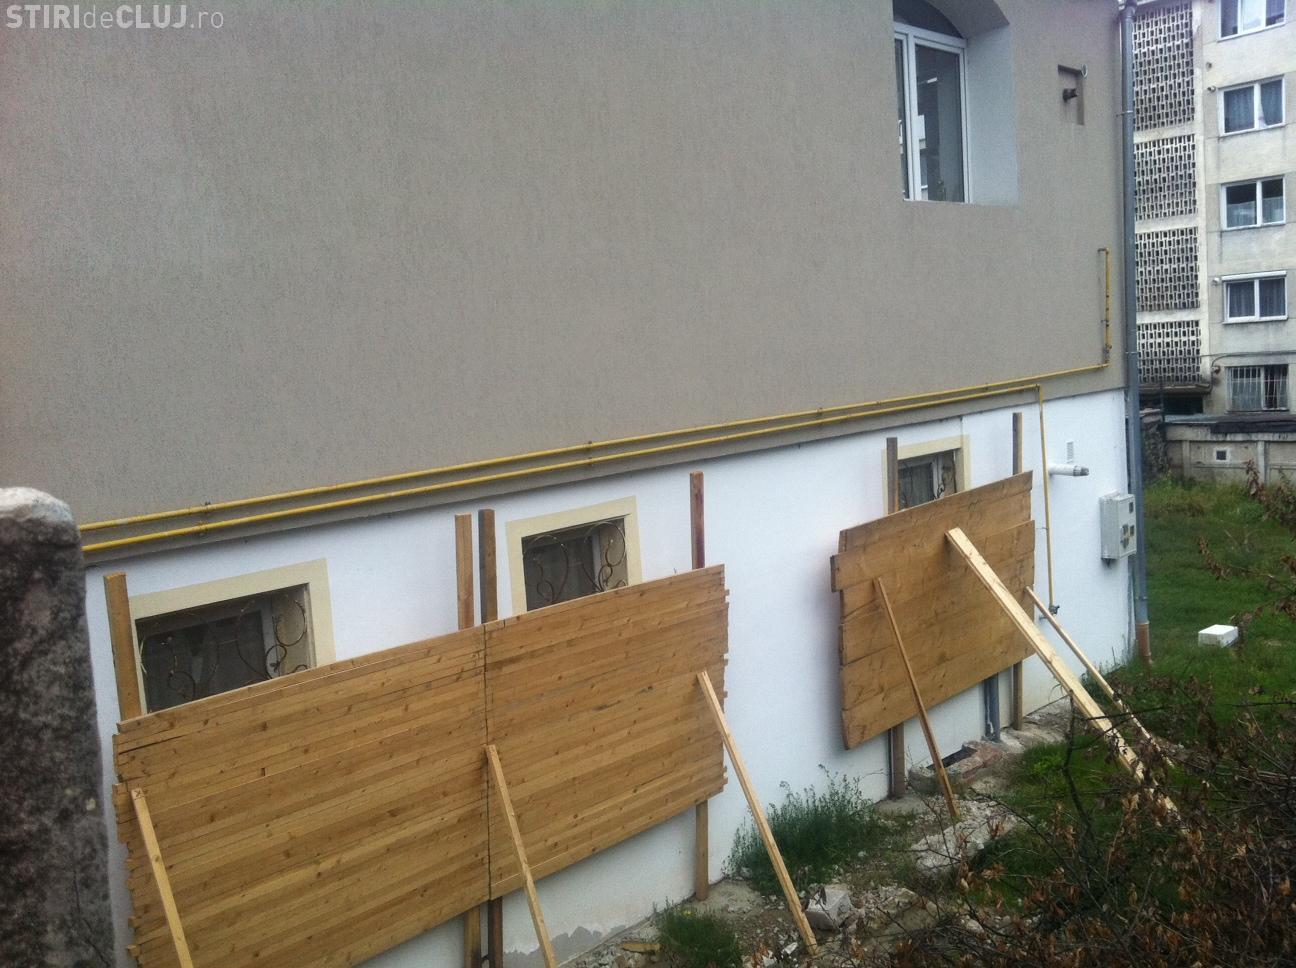 Un clujean risca sa fie inchis, dupa ce a montat panouri de lemn peste geamurile unei vecine